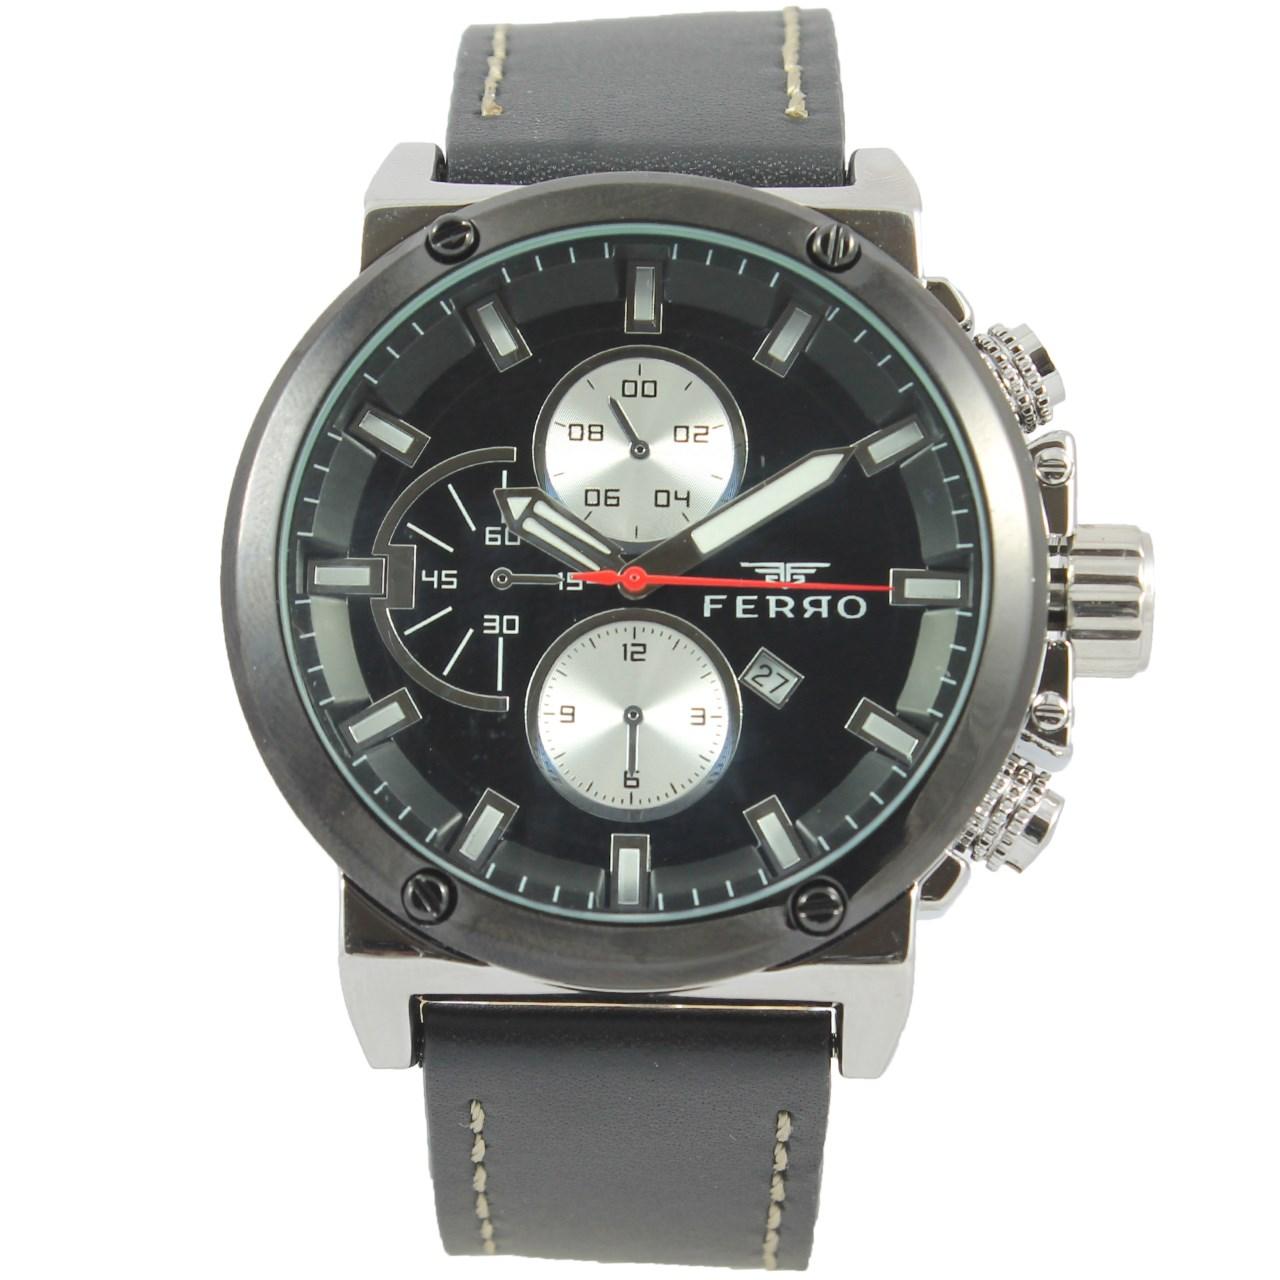 ساعت مچی عقربه ای مردانه فرو مدل F61439-564-J